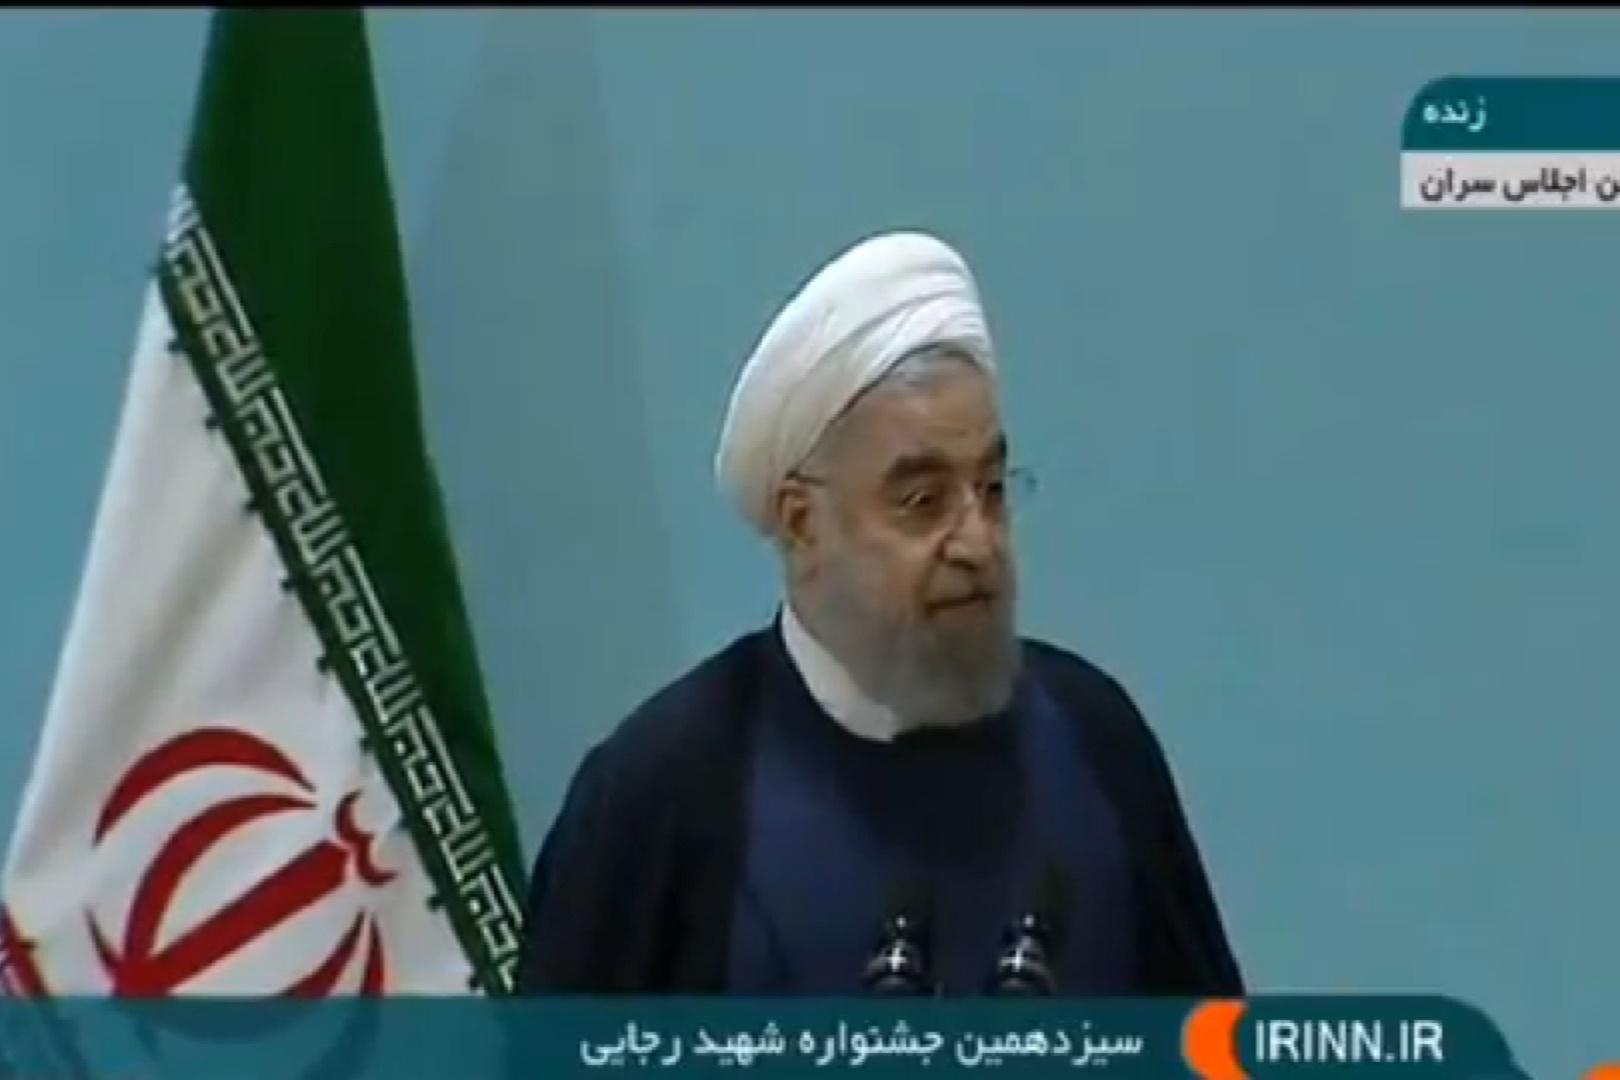 فیلم | روحانی: کسی نباید بگوید حقوق من کم است پس کم کار میکنم؛ رجایی شدن کار آسانی نیست